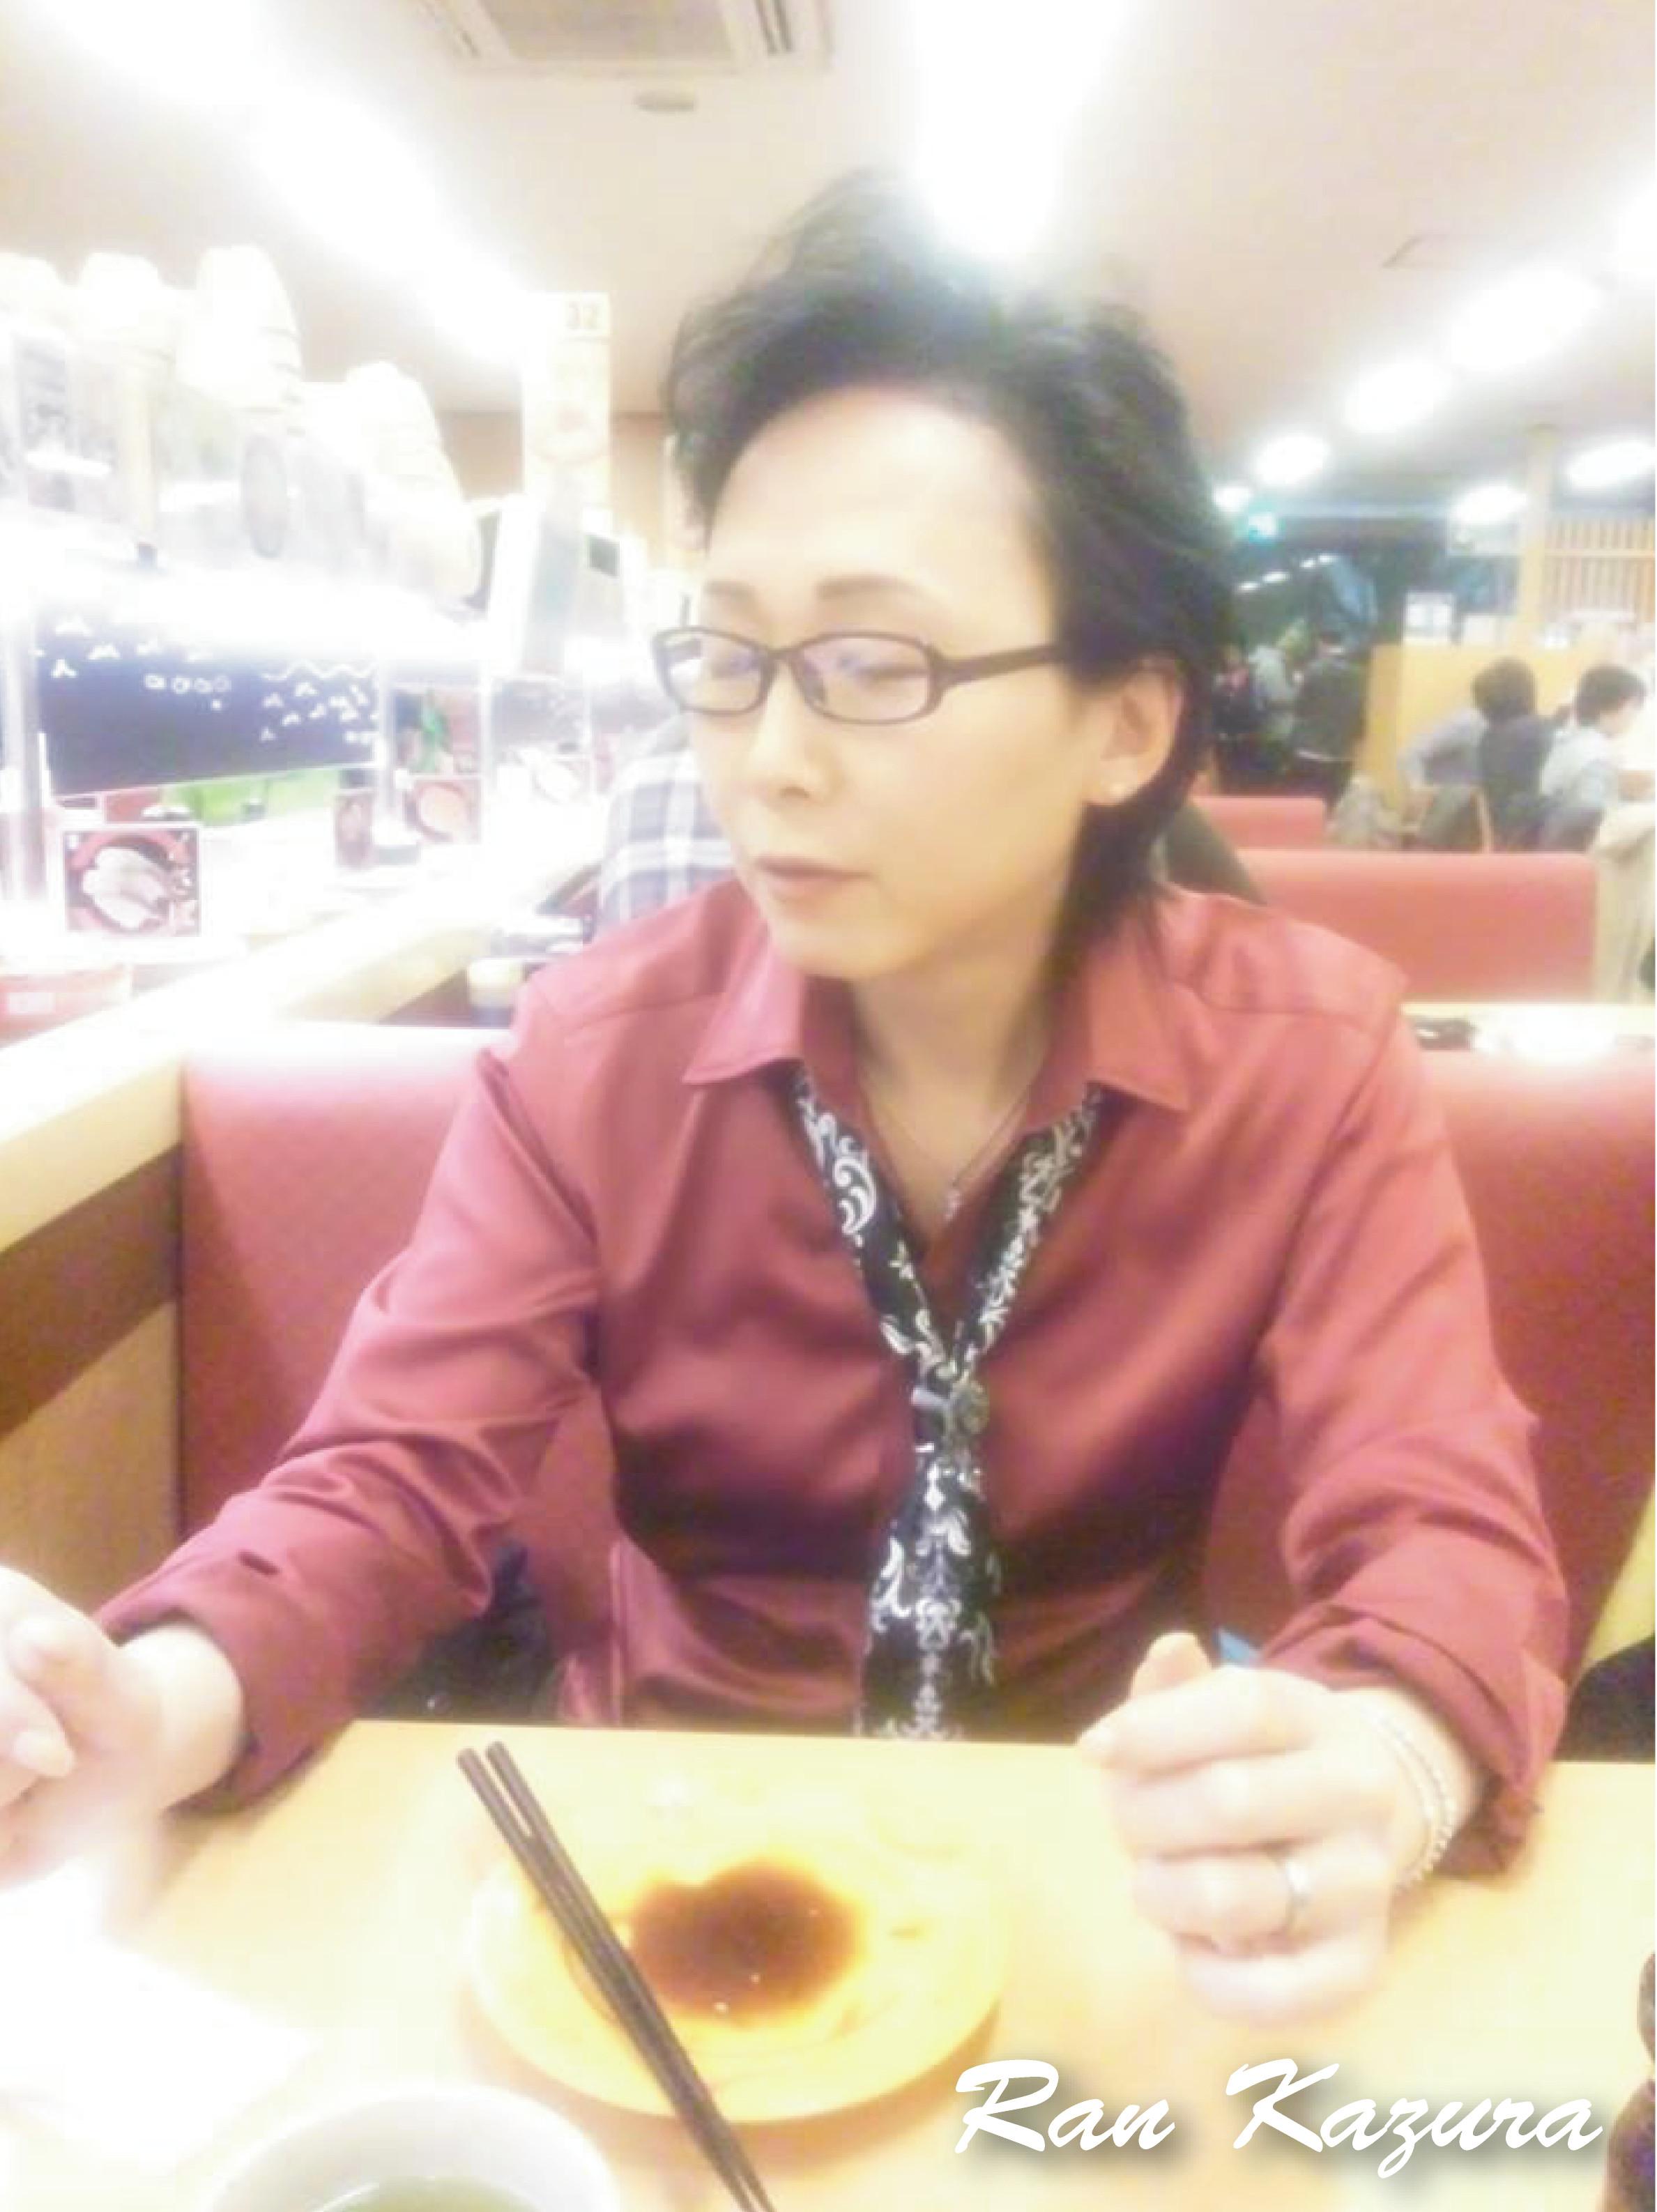 初めてのスシロー! おぉー!なんかアレンジの効いた、いろんなお寿司が流れていく。。。 しかーし!前髪立て過ぎ!私。。。